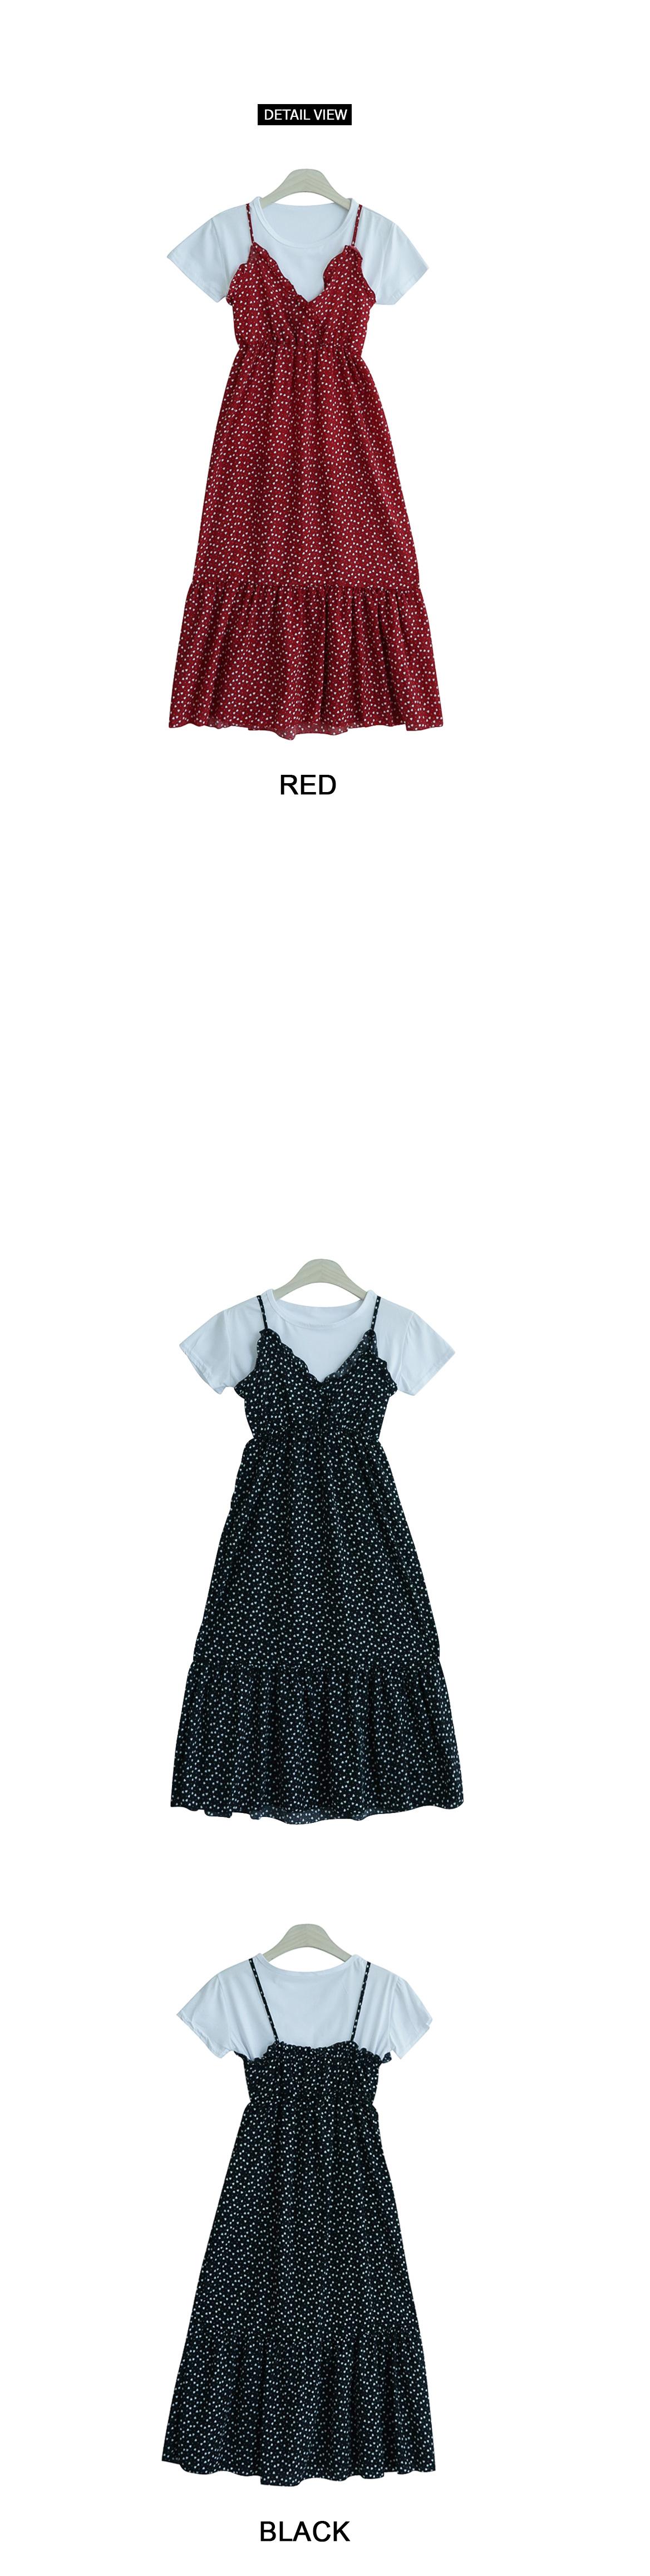 Heart wrap dress